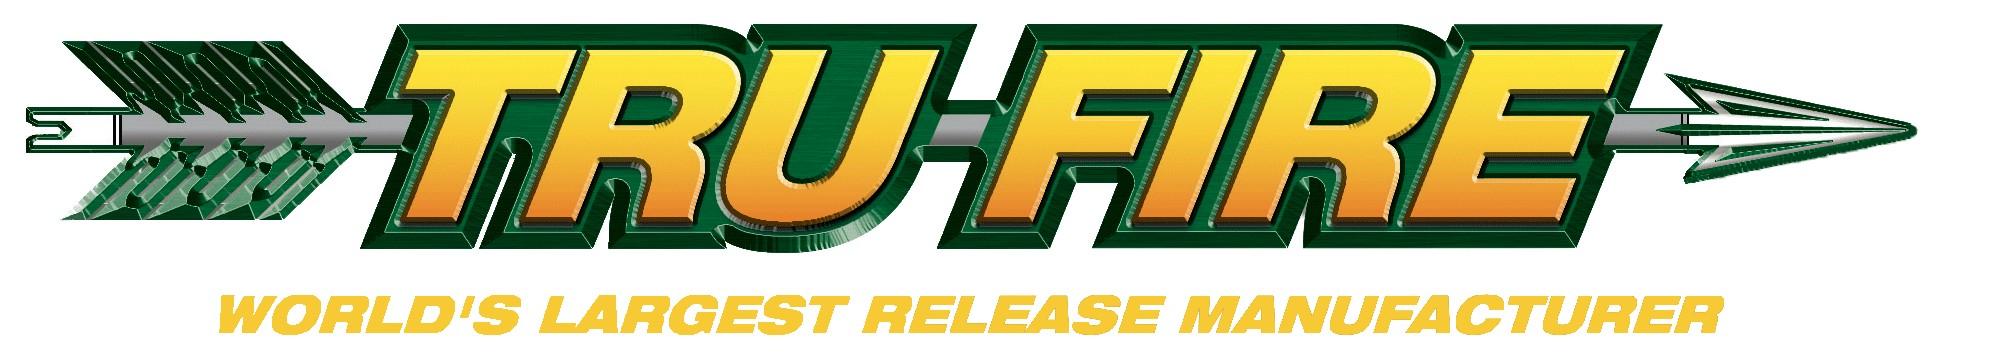 Tru-Fire Releases